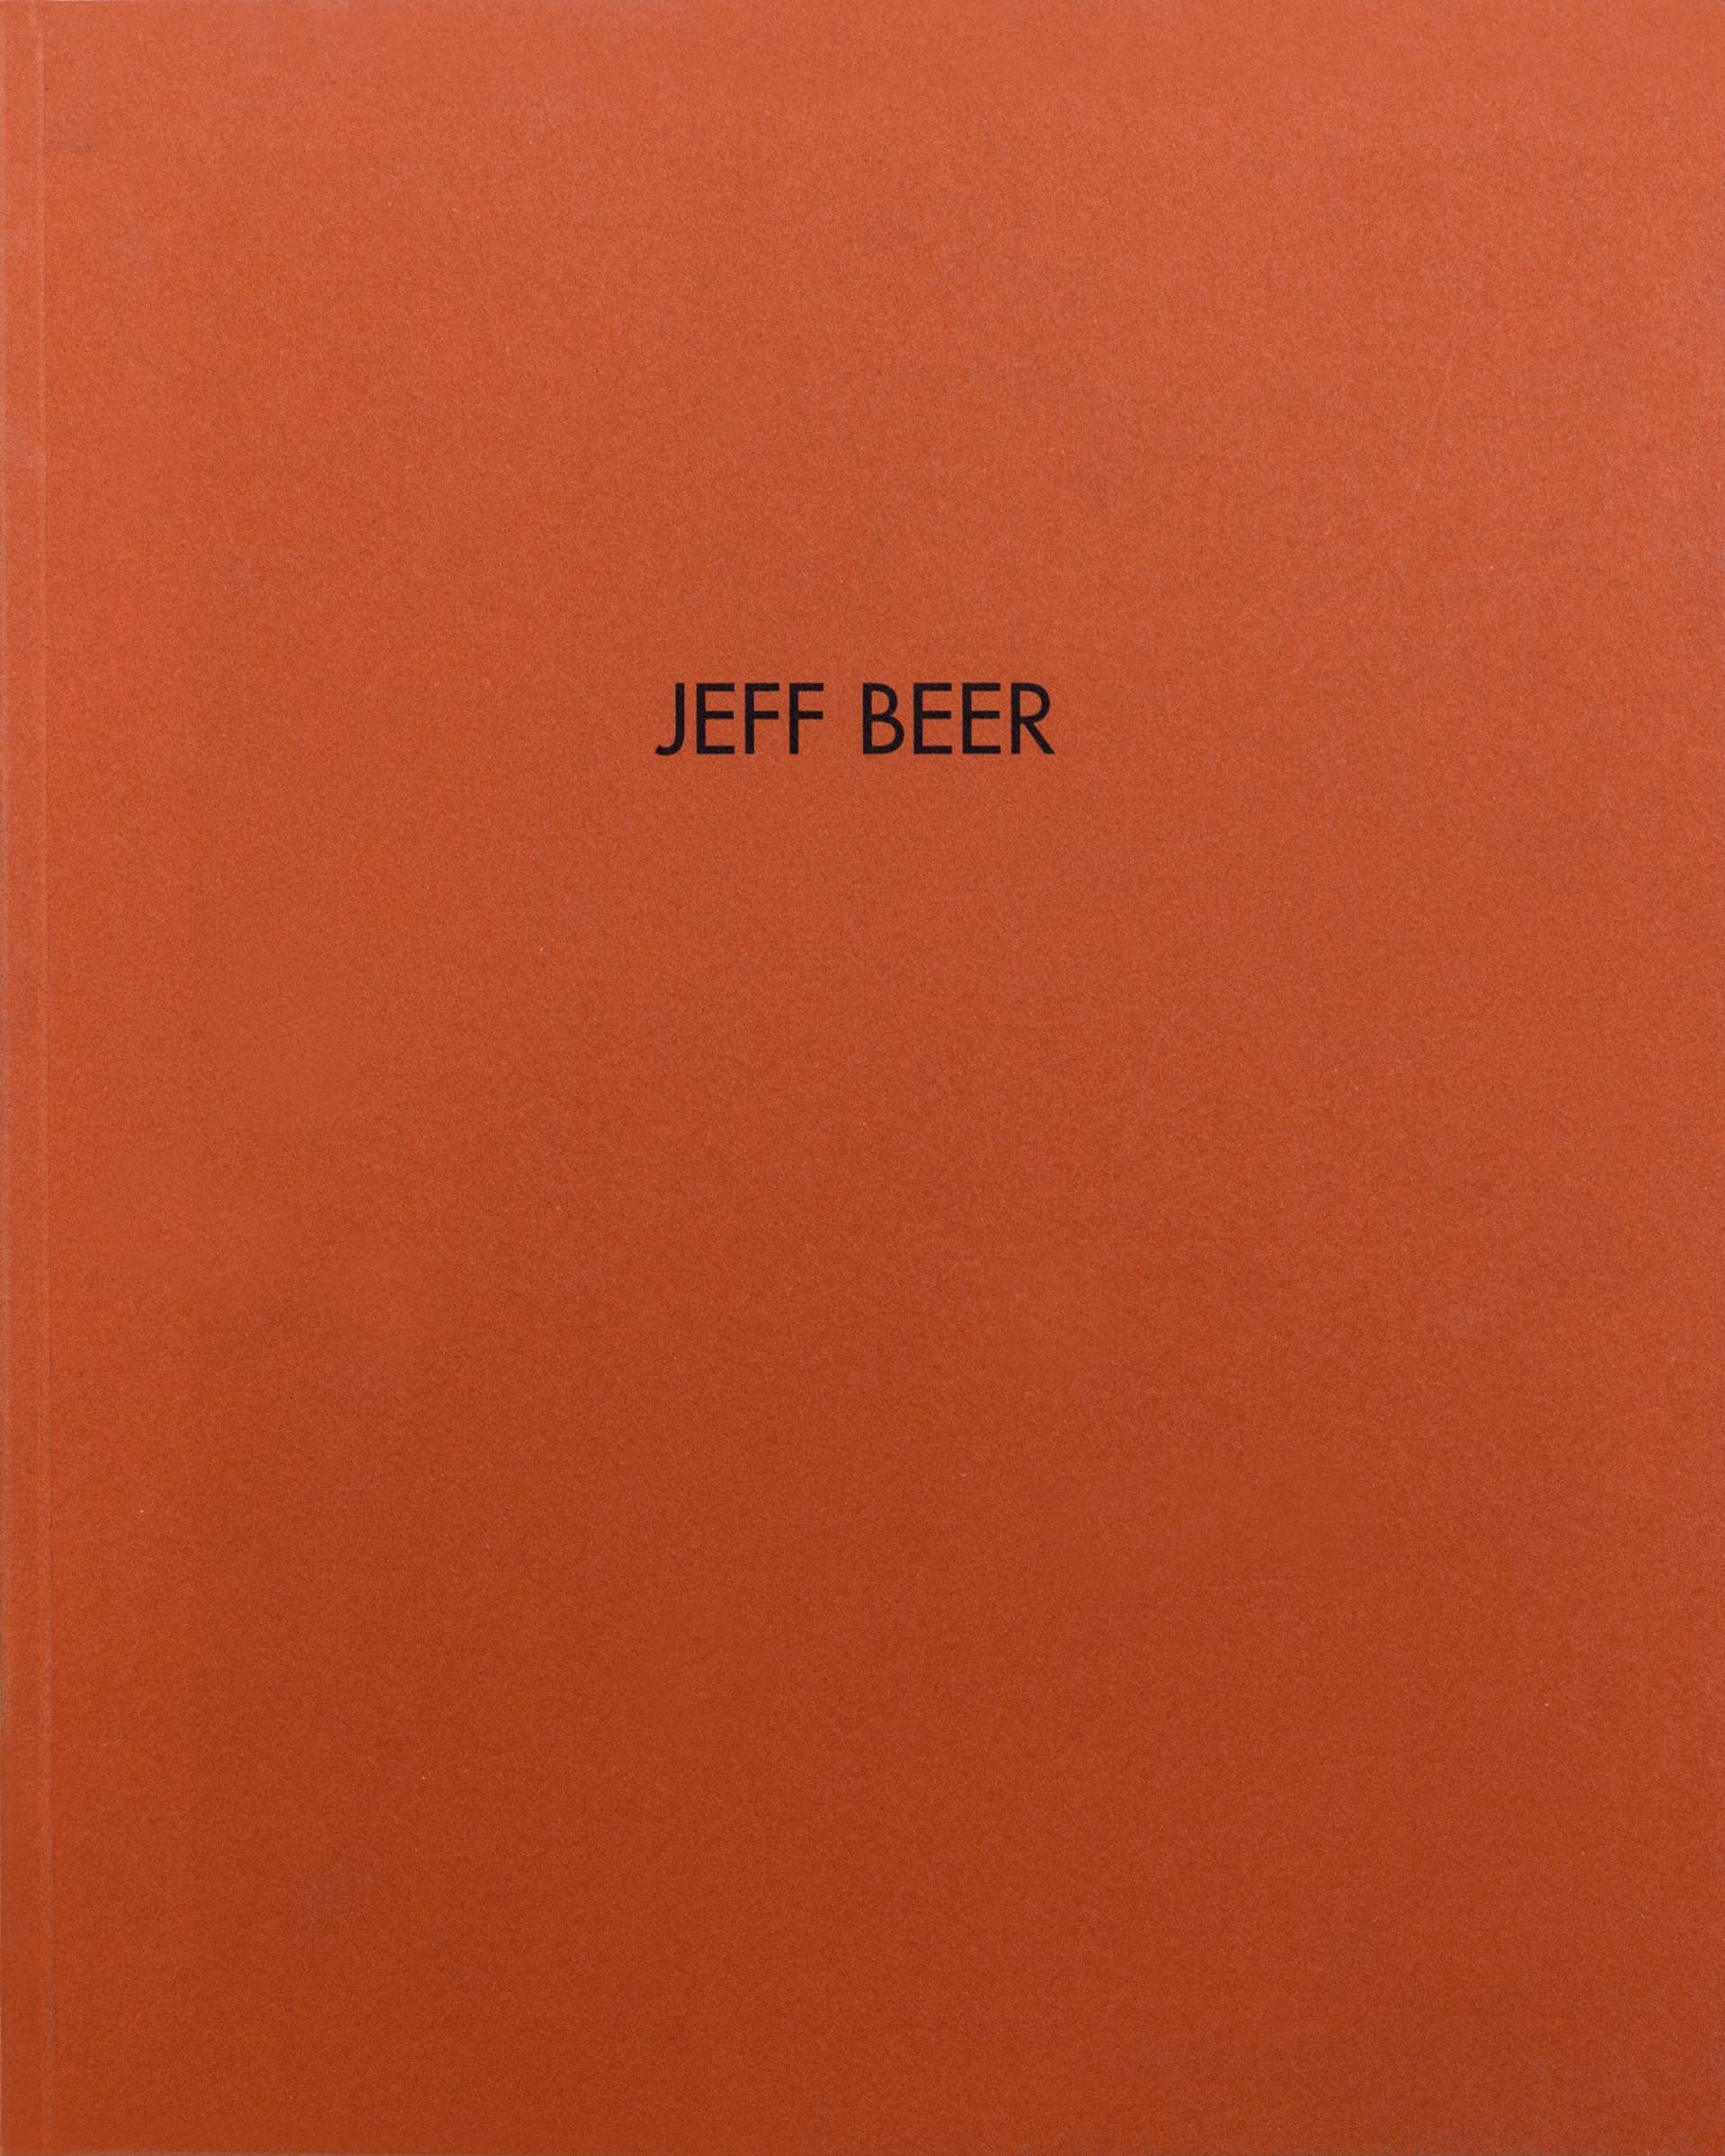 11_Jeff Beer, Skulpturen, hg. Historisch